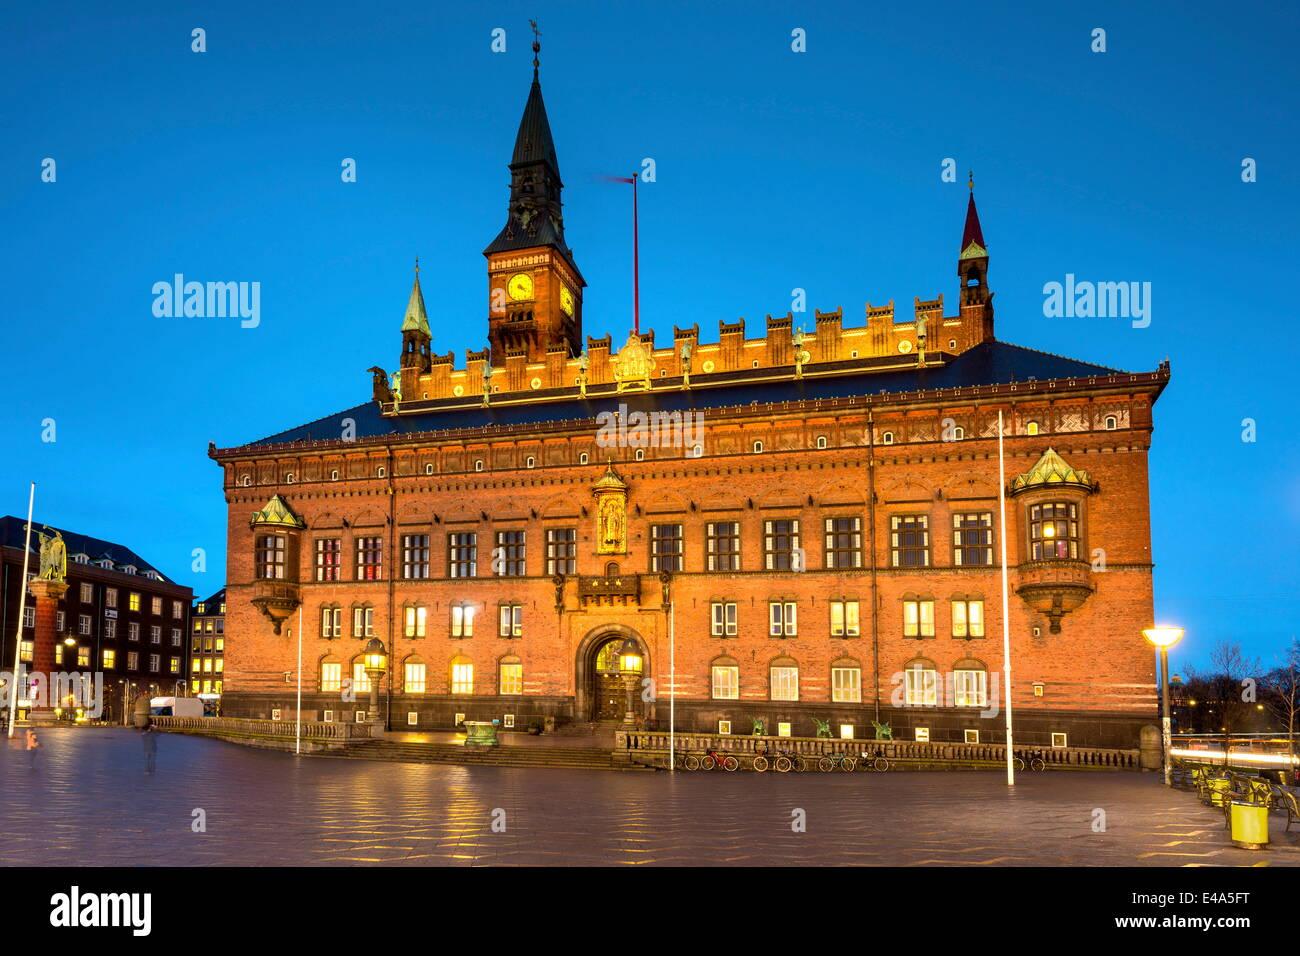 Copenhagen City hall iluminado al anochecer, en Copenhague, Dinamarca, Escandinavia, Europa Imagen De Stock